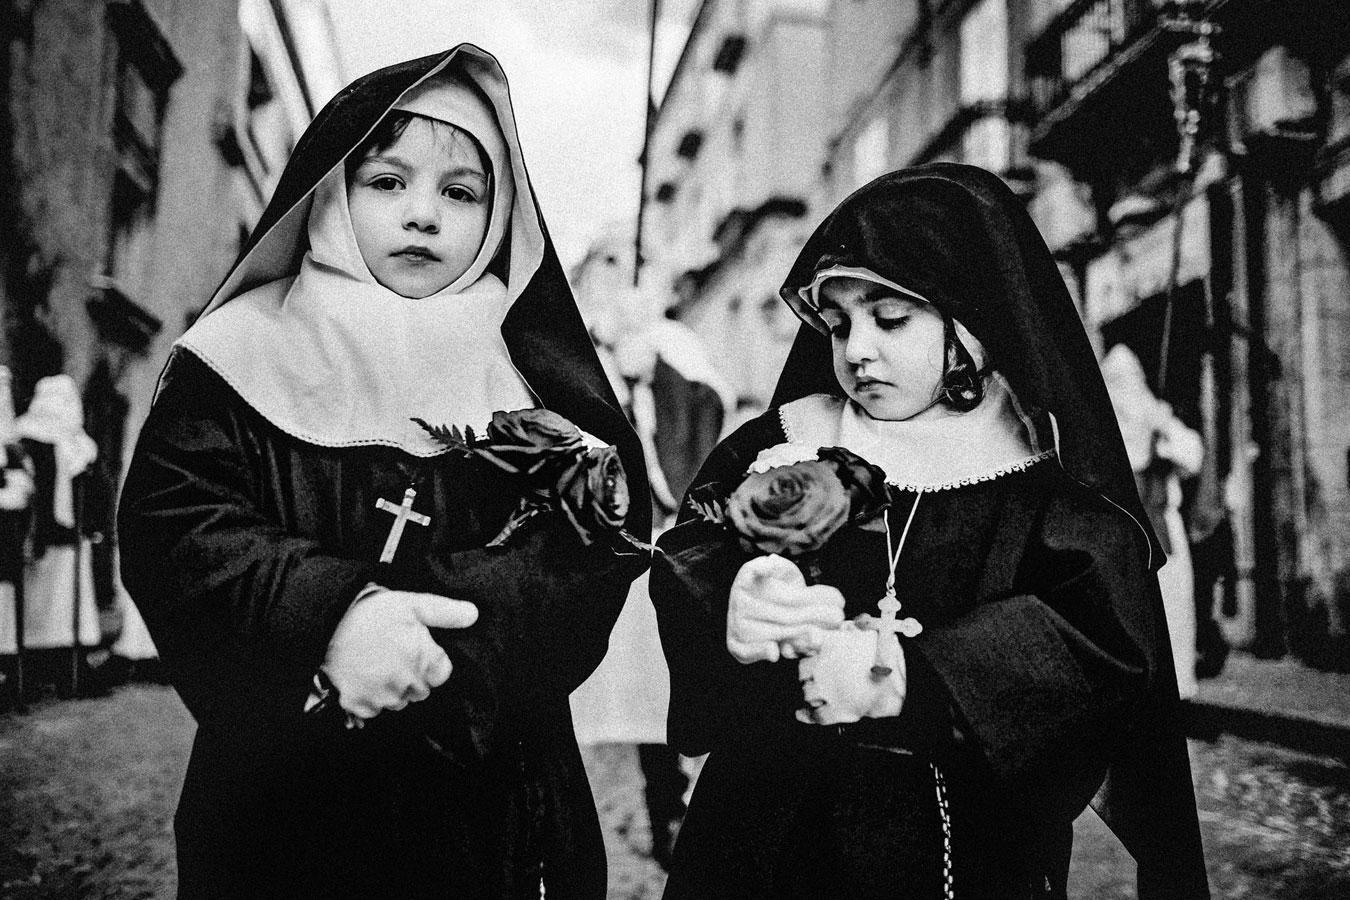 Сальваторе Маццео, Италия / Salvatore Mazzeo, Italy, Национальная премия, Фотоконкурс Sony World Photography Awards 2017